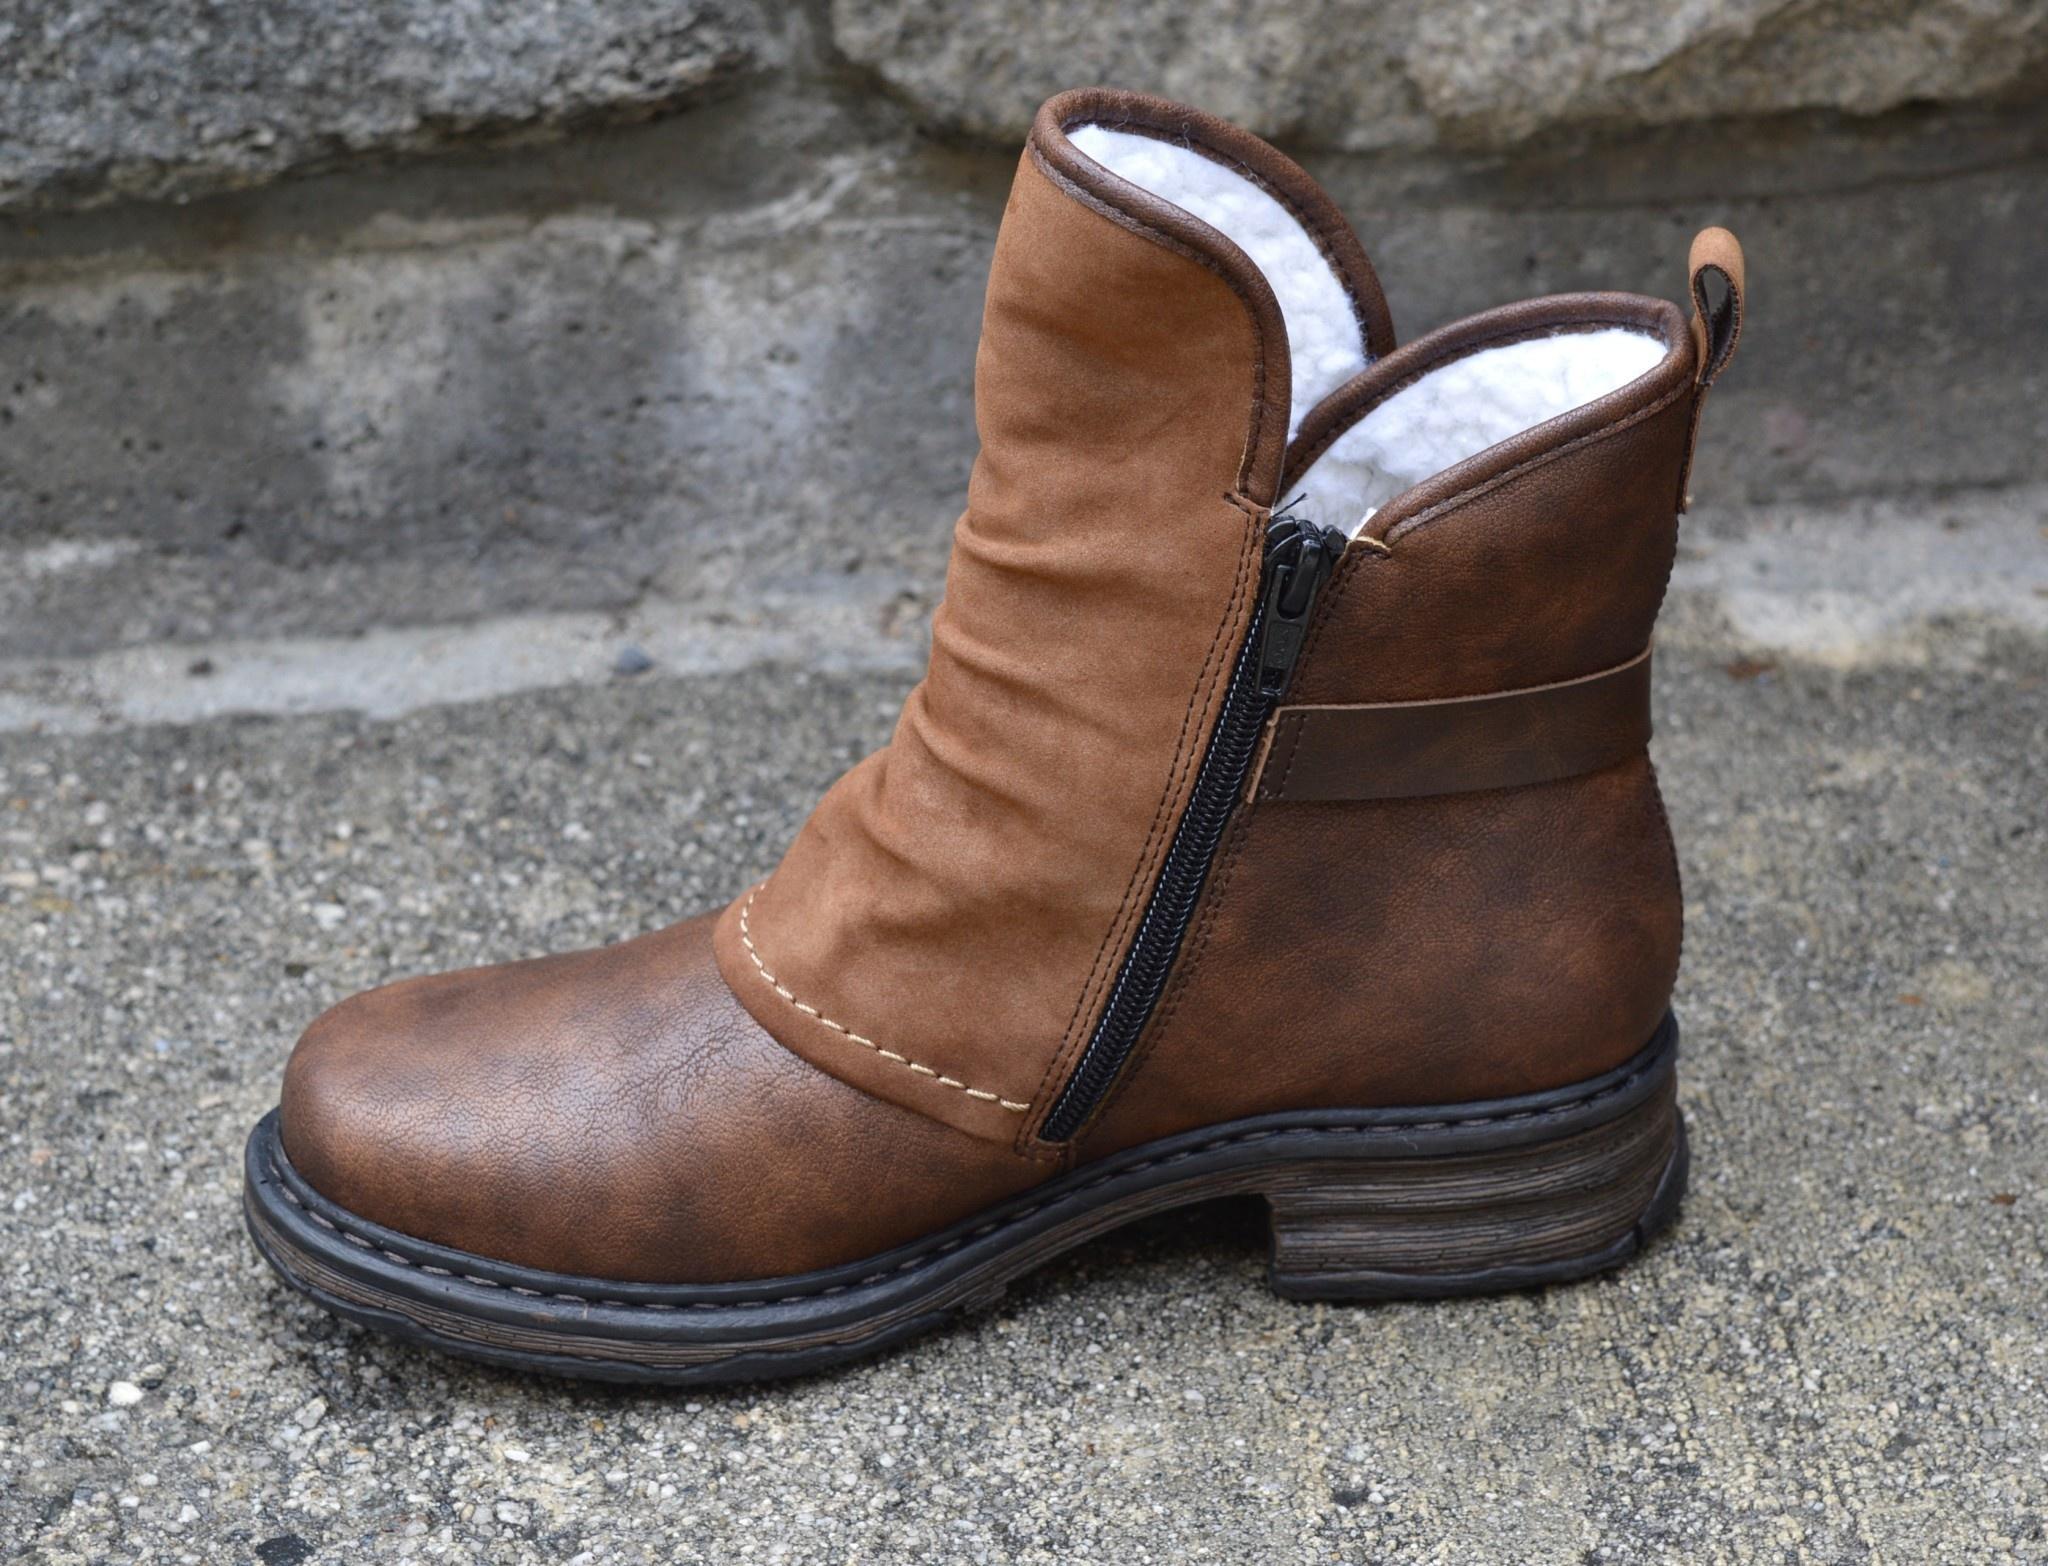 Rieker Rieker Z9973-25 Size 36 only